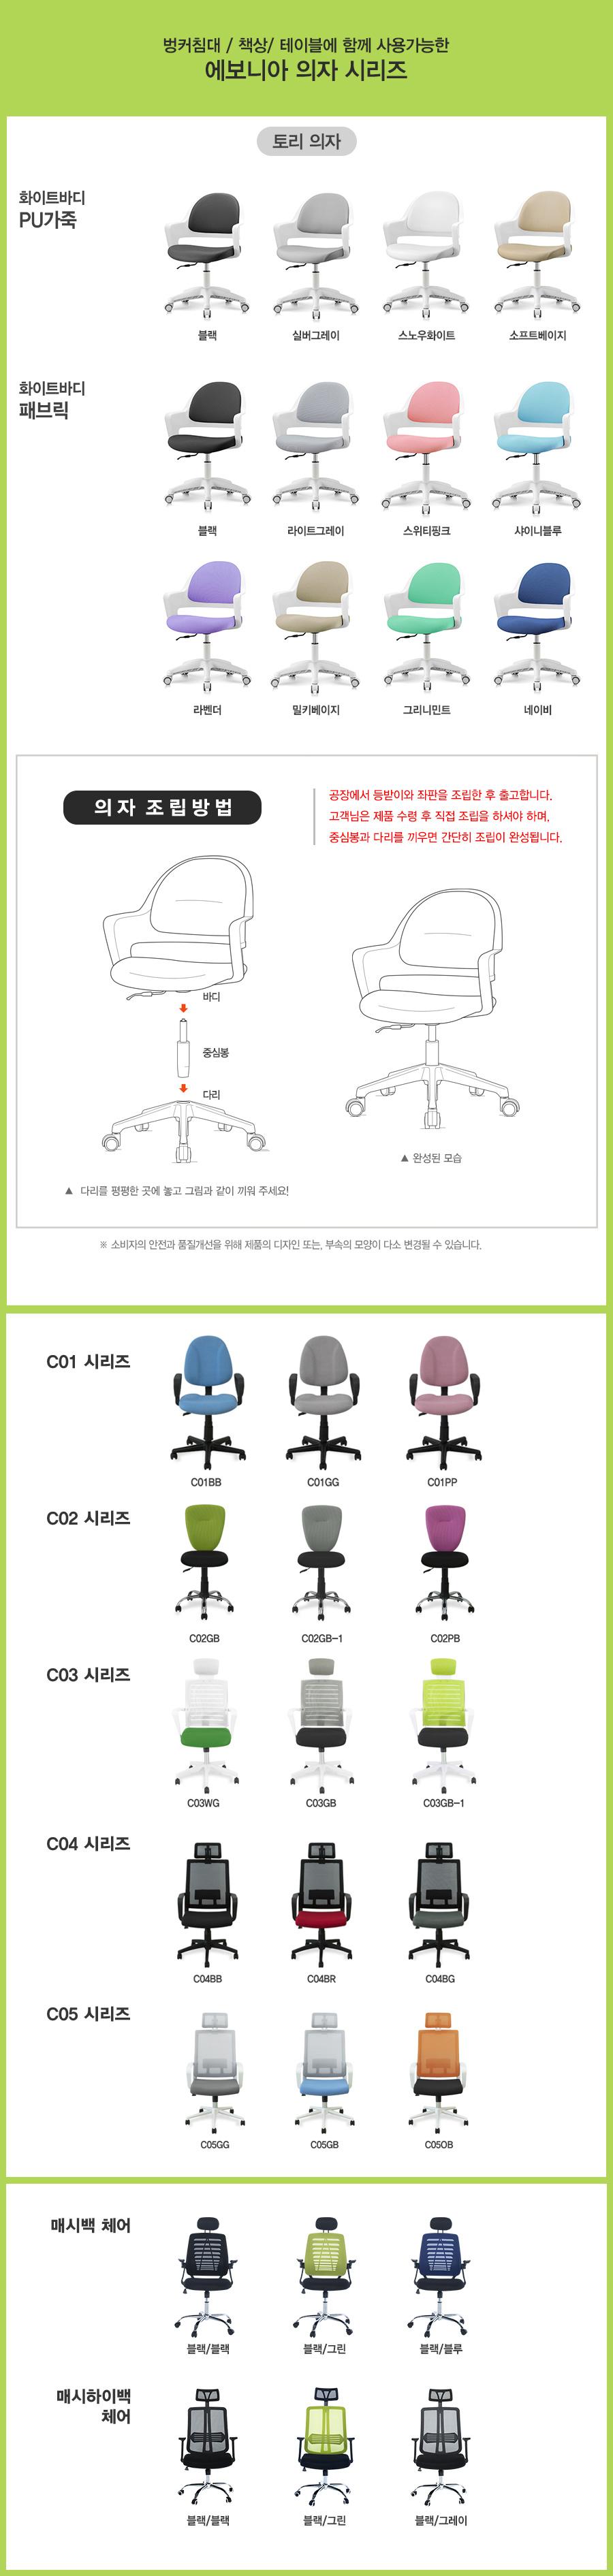 eb_chair.jpg